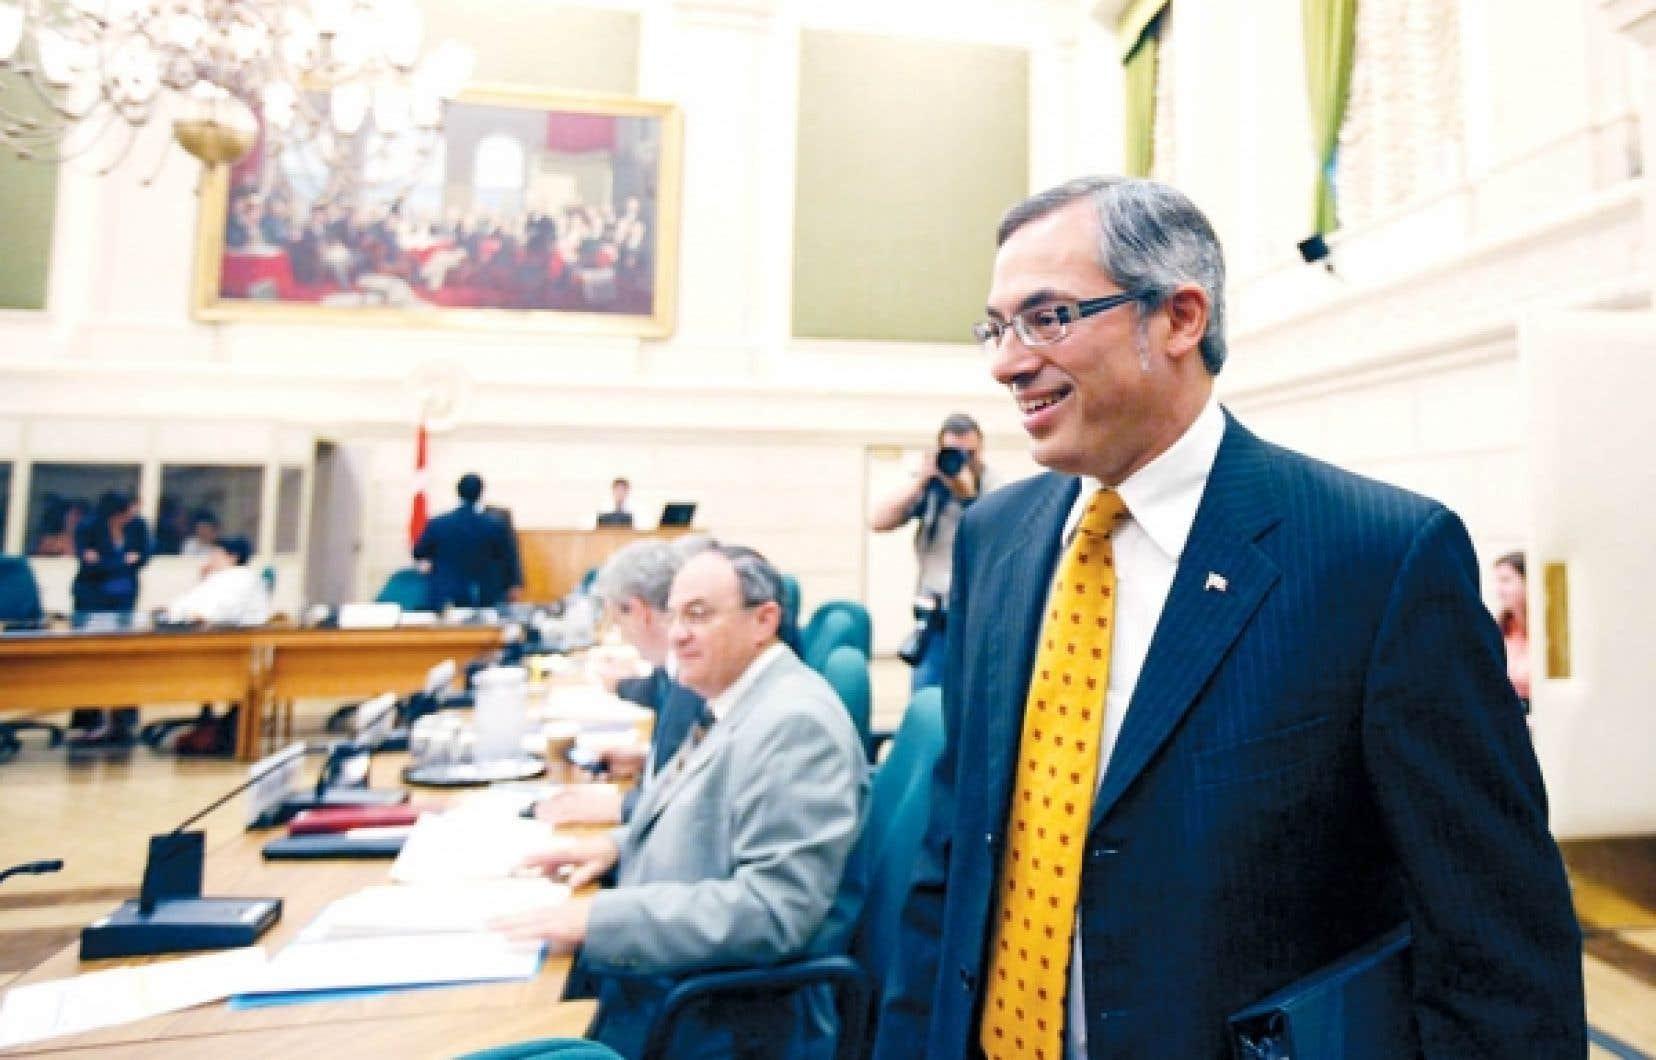 Le ministre Clement a répété hier qu'il n'est «pas approprié» d'obliger les Canadiens à donner des informations personnelles sous peine d'amendes ou d'emprisonnement. <br />